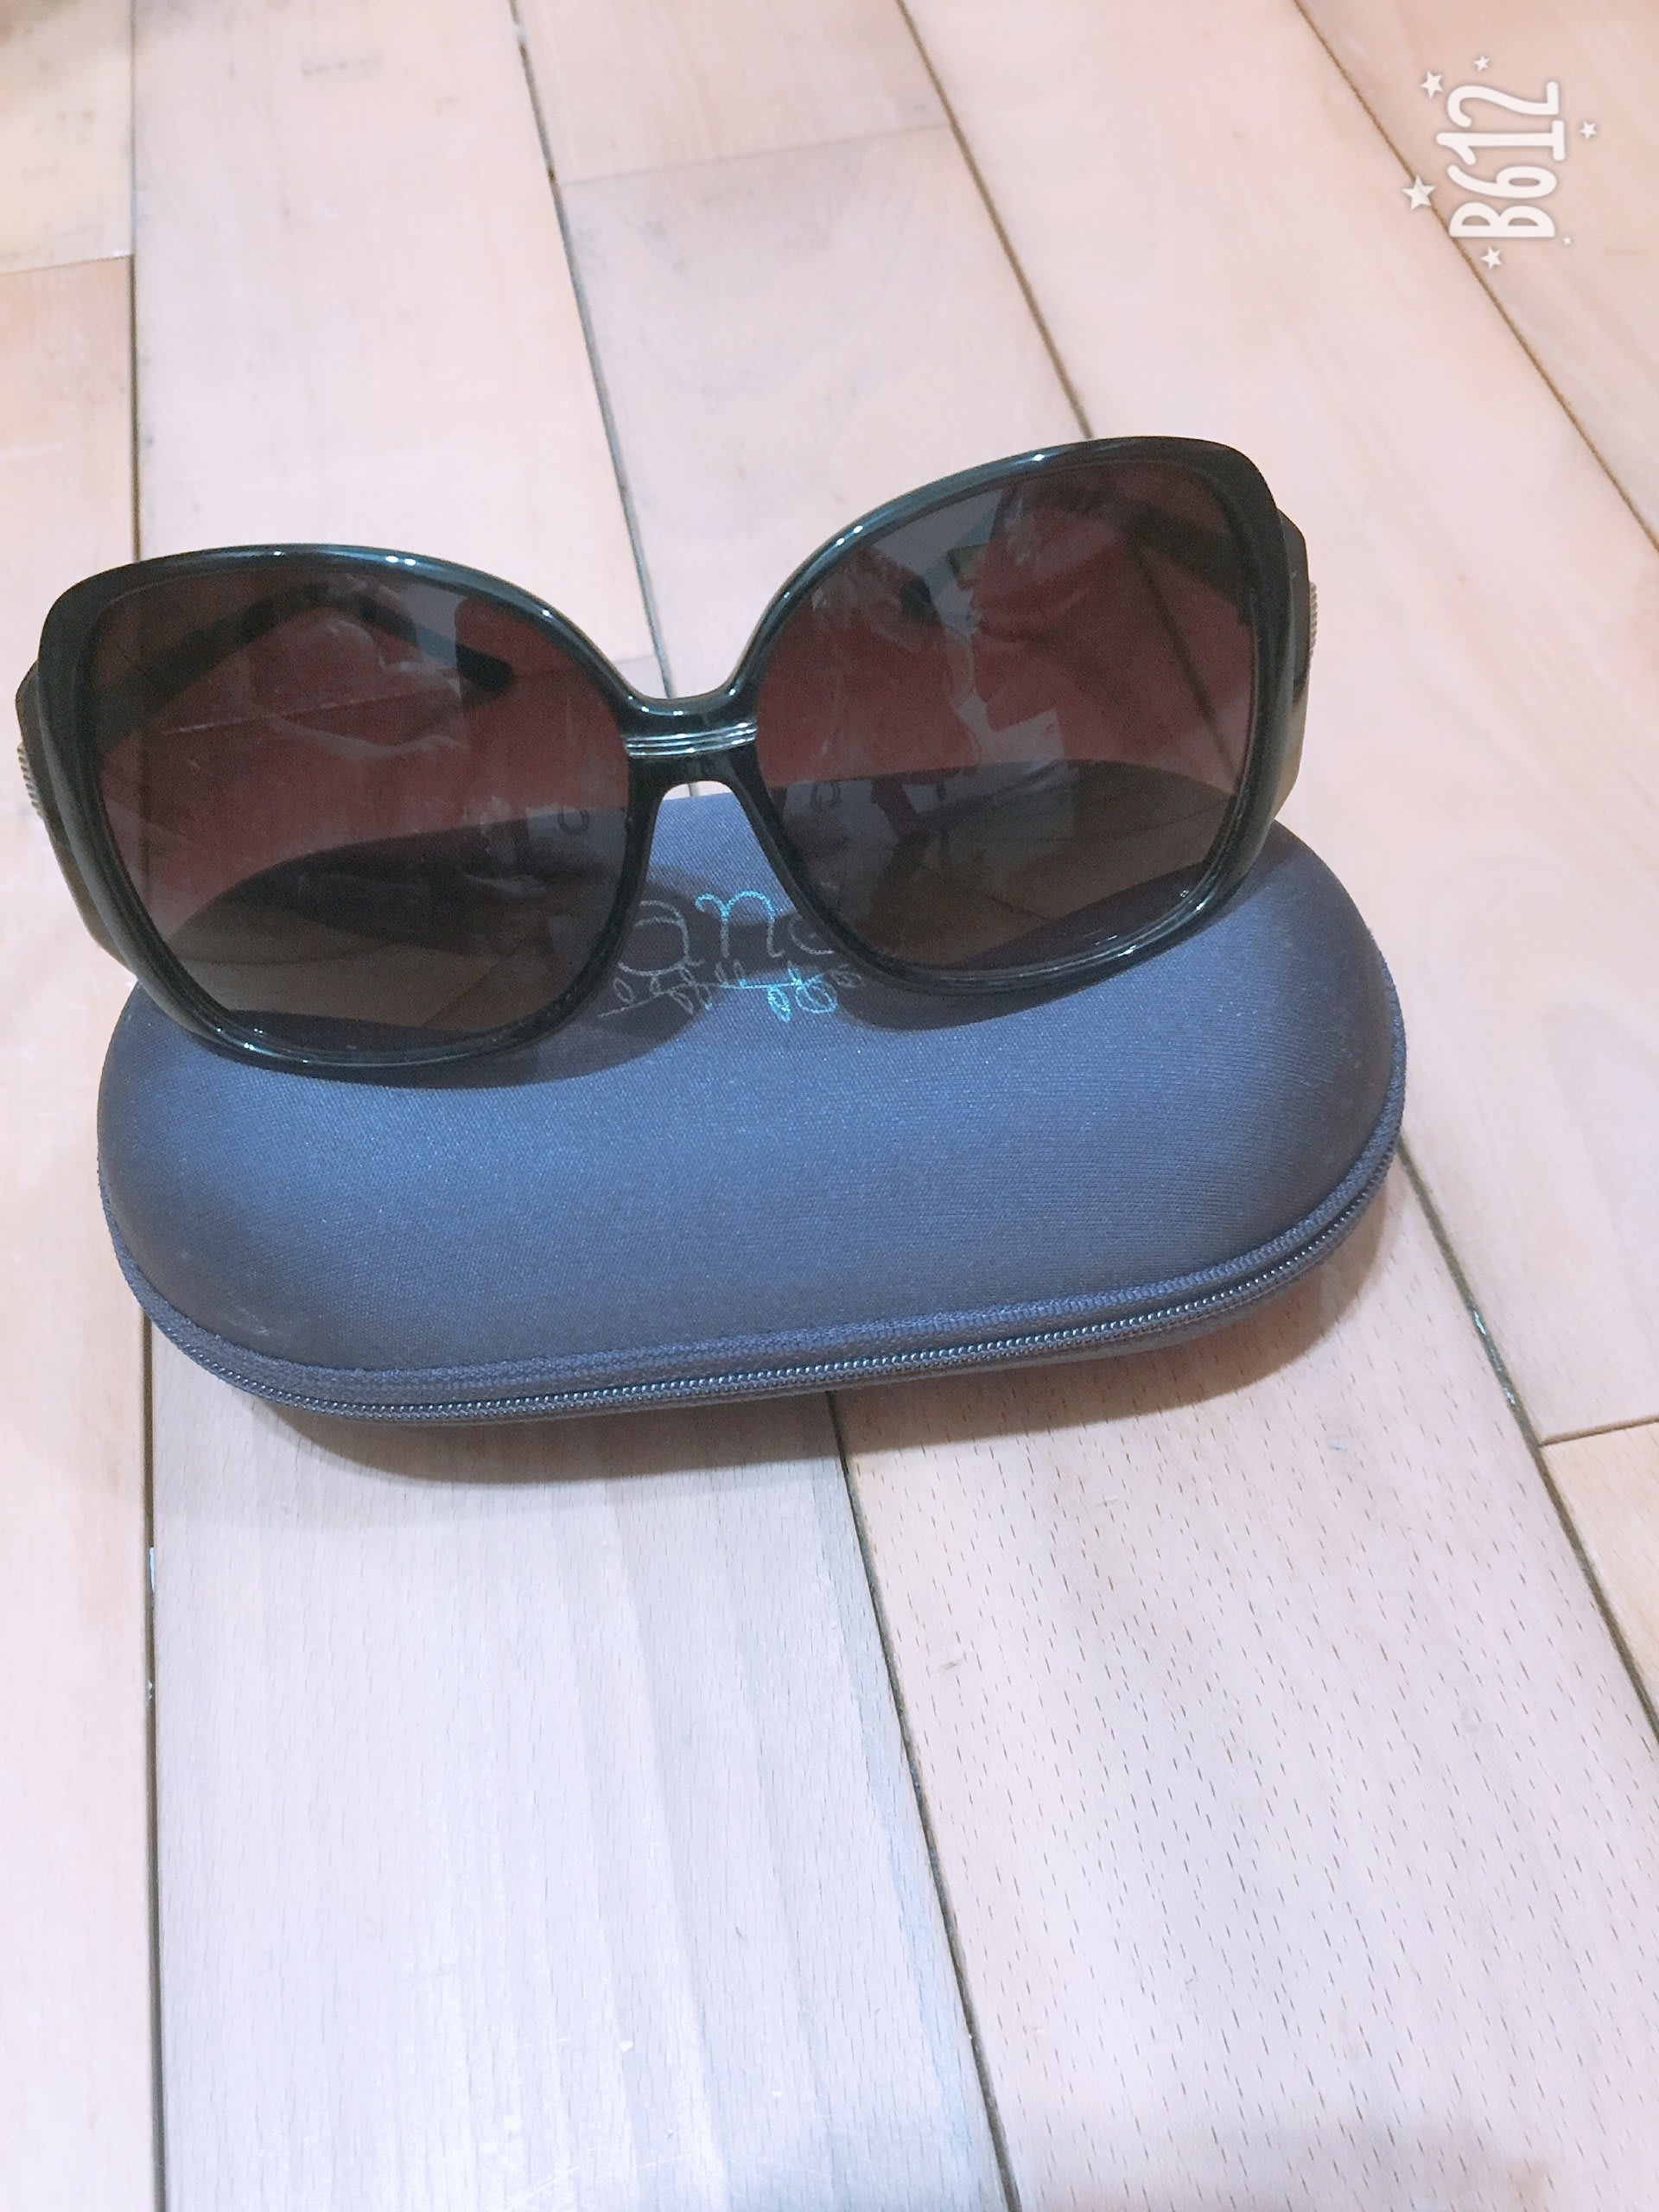 (二手)ANS 太陽眼鏡